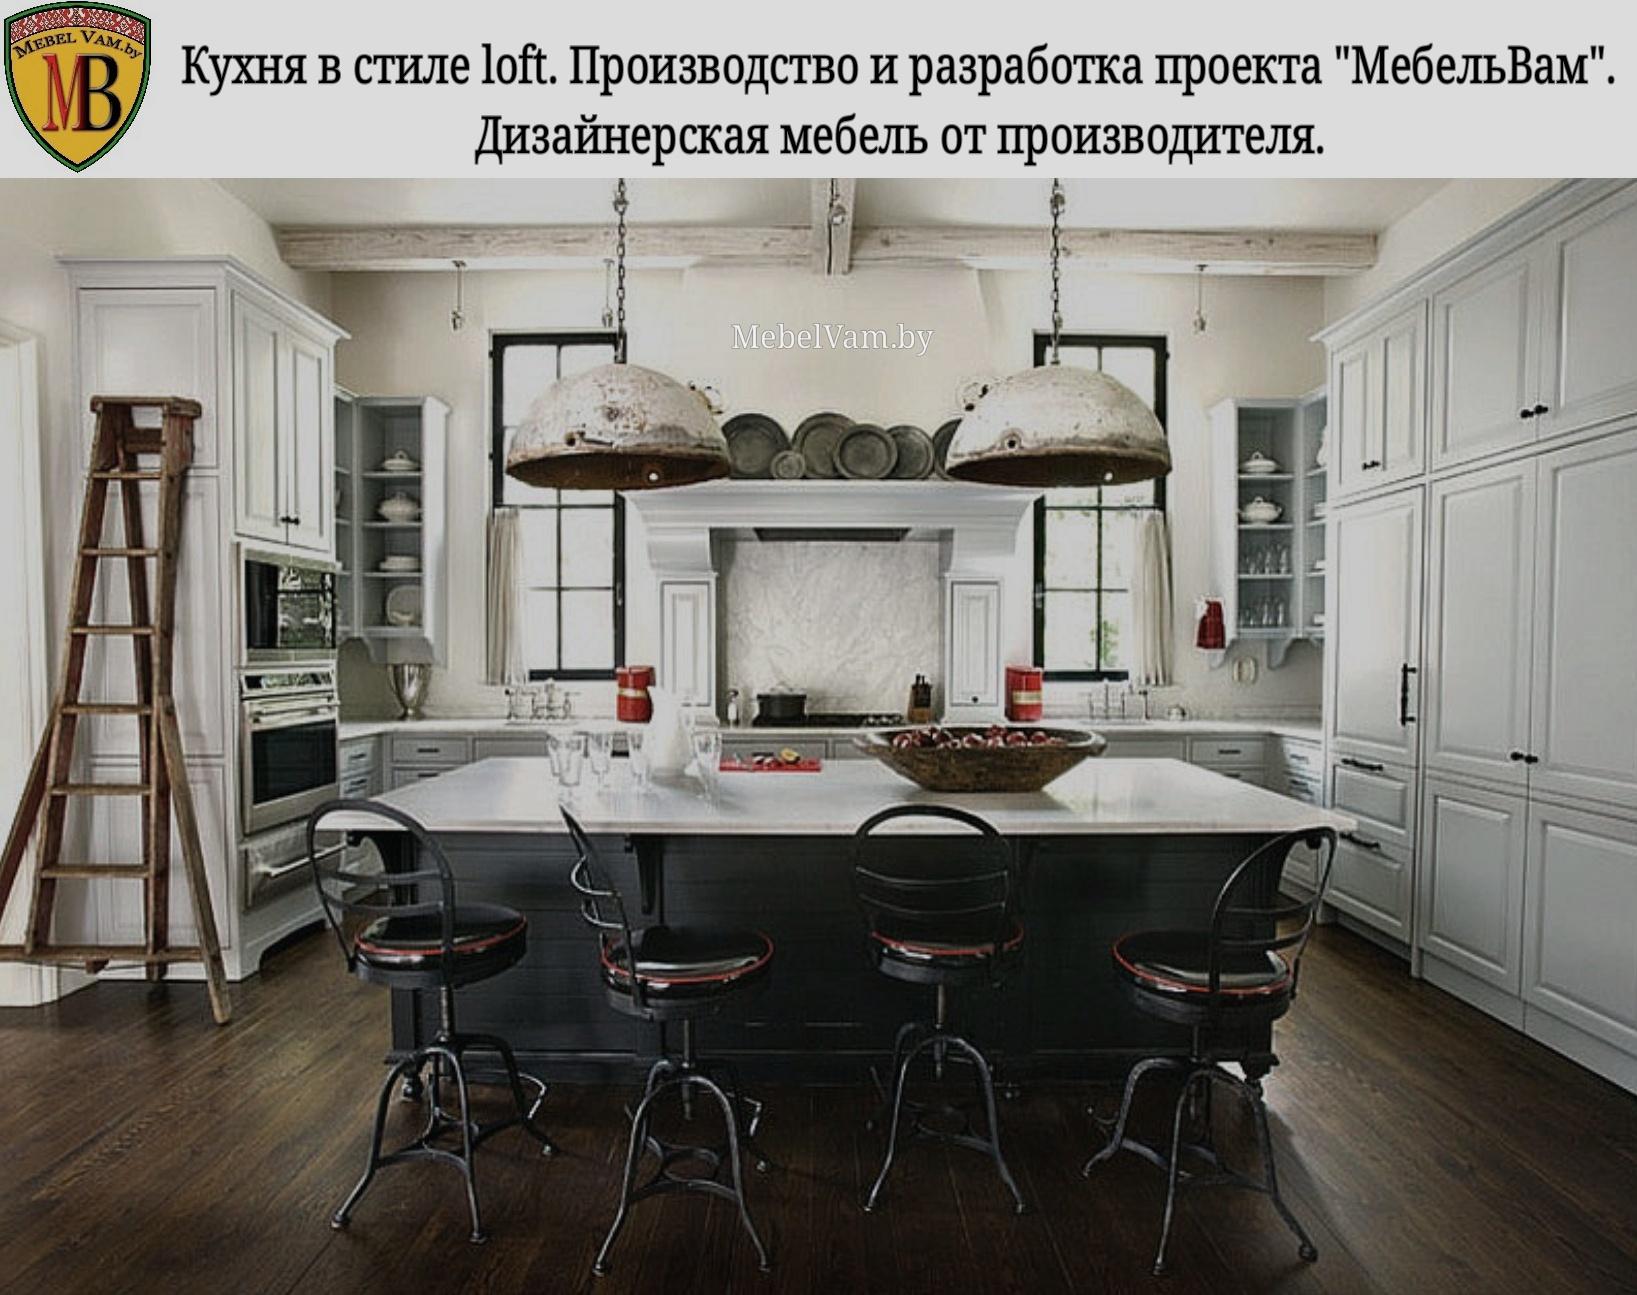 МЕБЕЛЬ_ДЛЯ_КУХНИ_ДИЗАЙН_ИНТЕРЬЕРА_667_ПОД_ЗАКАЗ_MebelVam